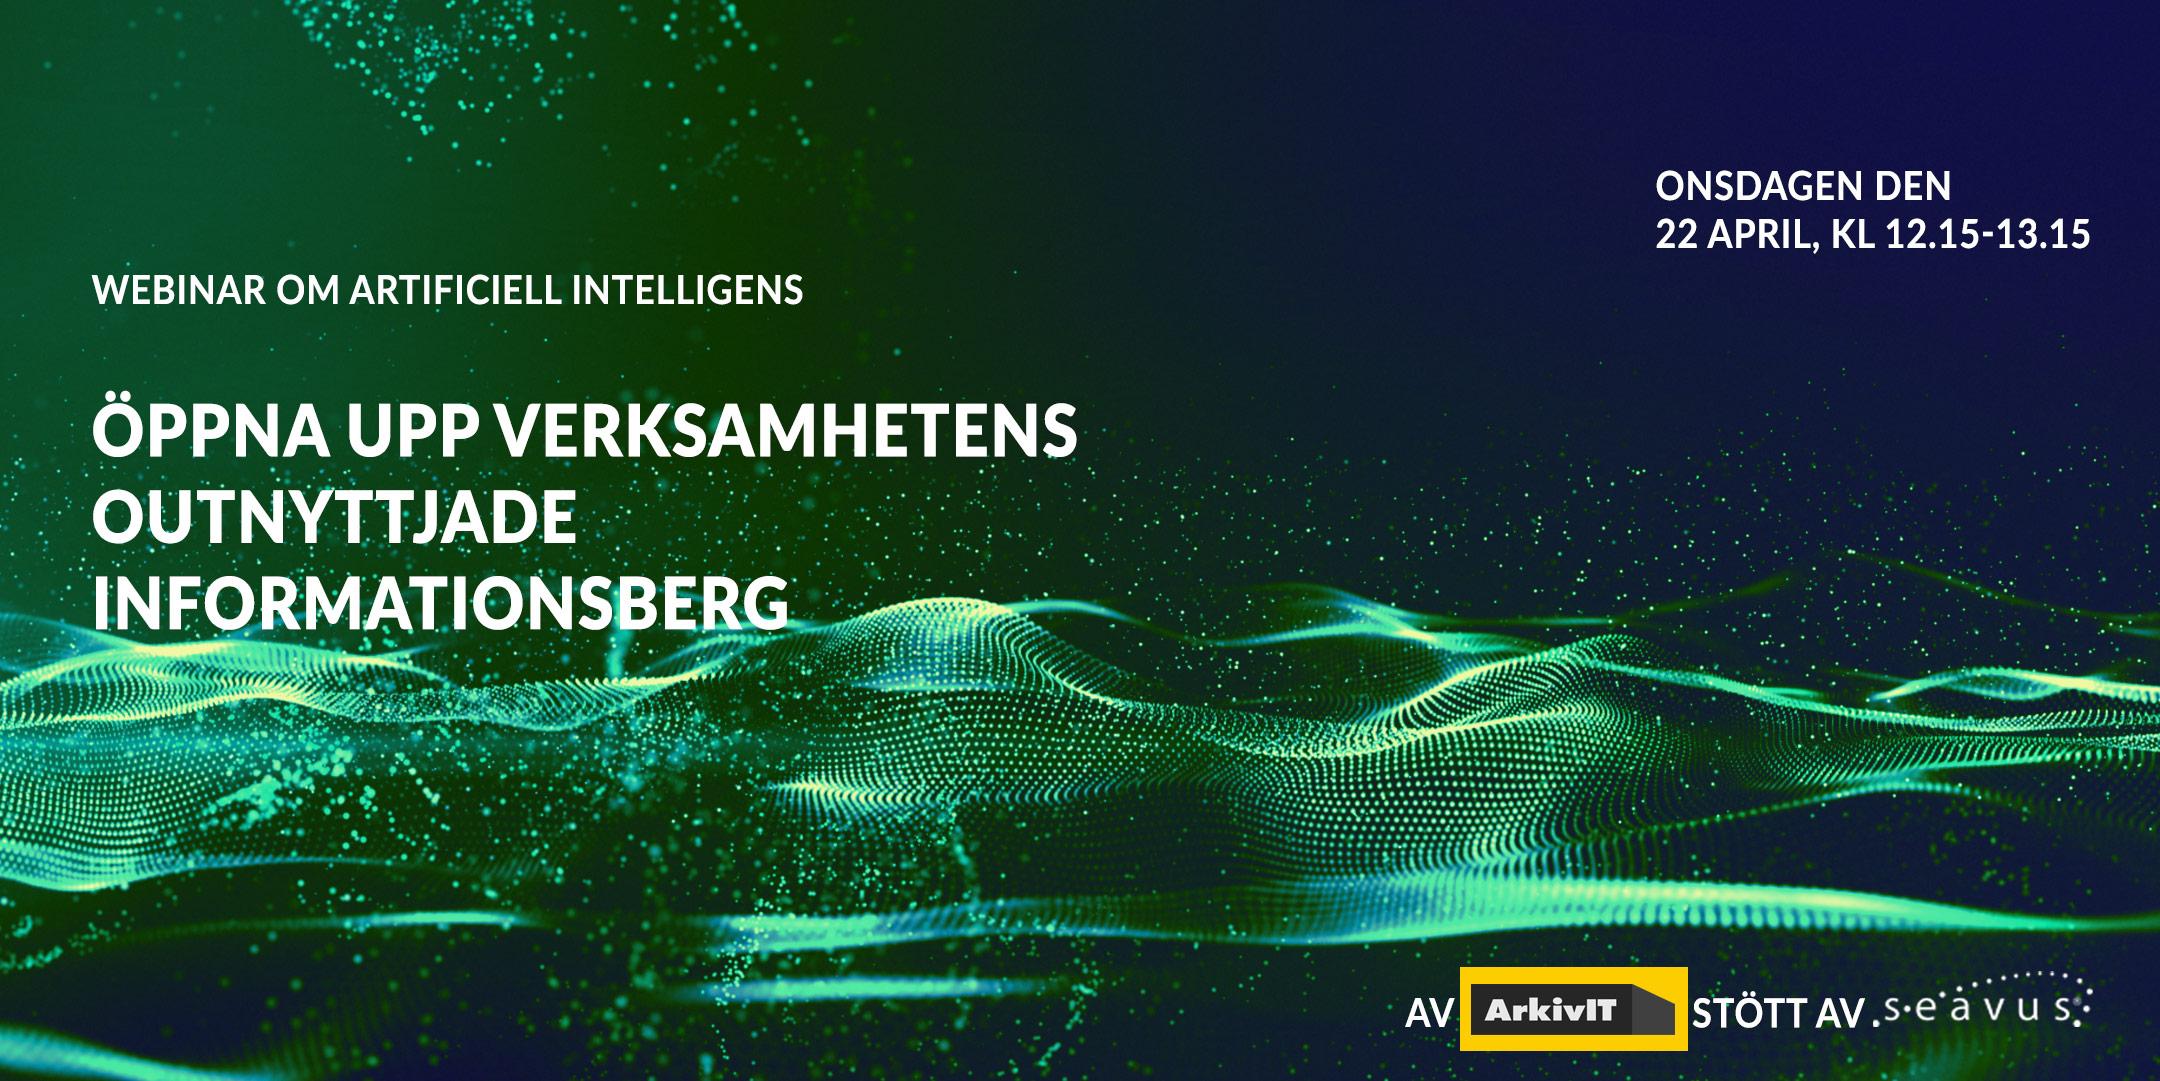 Webinar om Artificiell Intelligens